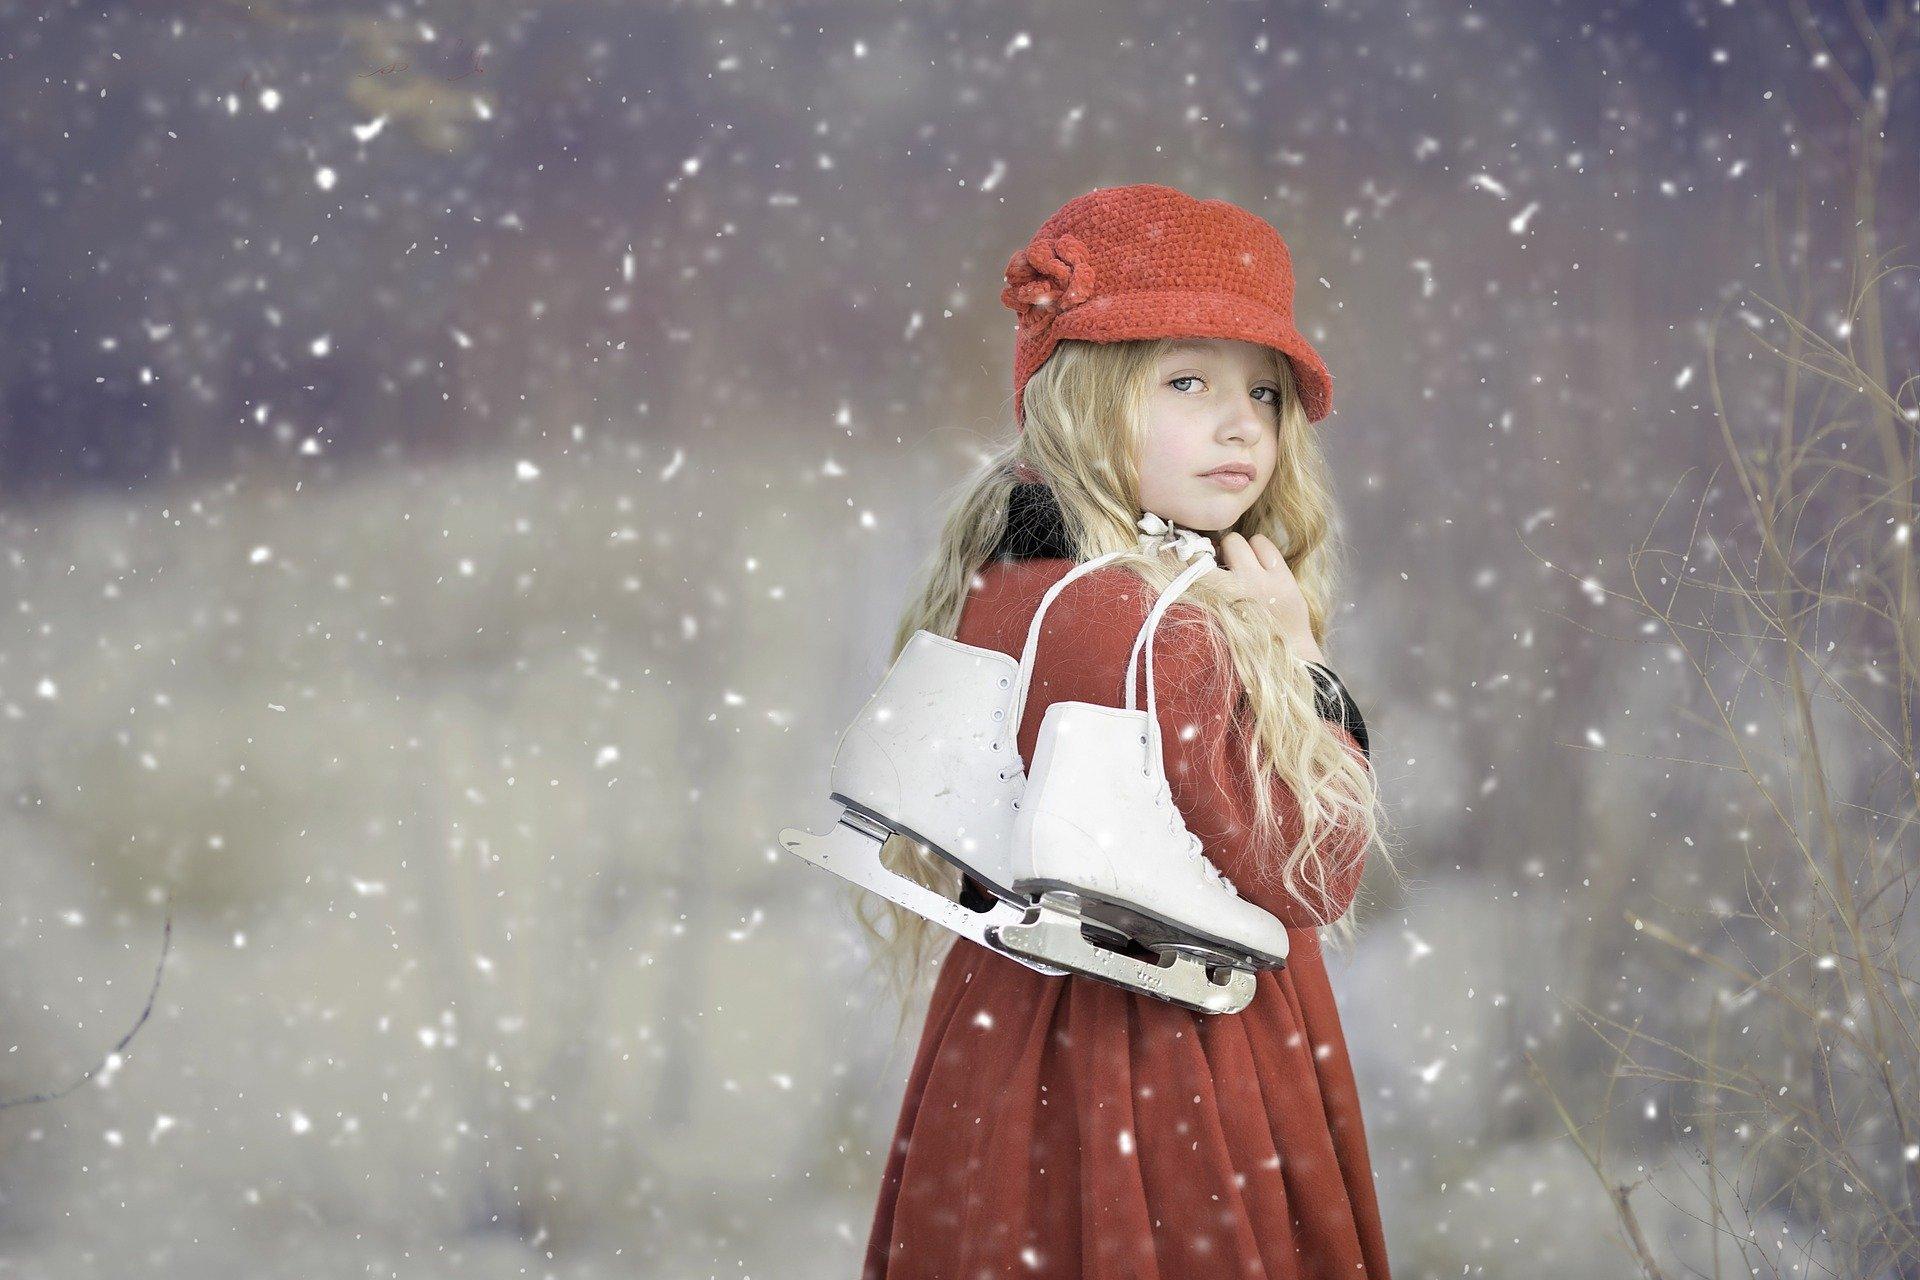 Ferie zimowe<br />w naszym województwie<br />13 stycznia – 24stycznia!<br /> Życzymy wspaniałego, zimowego wypoczynku :)